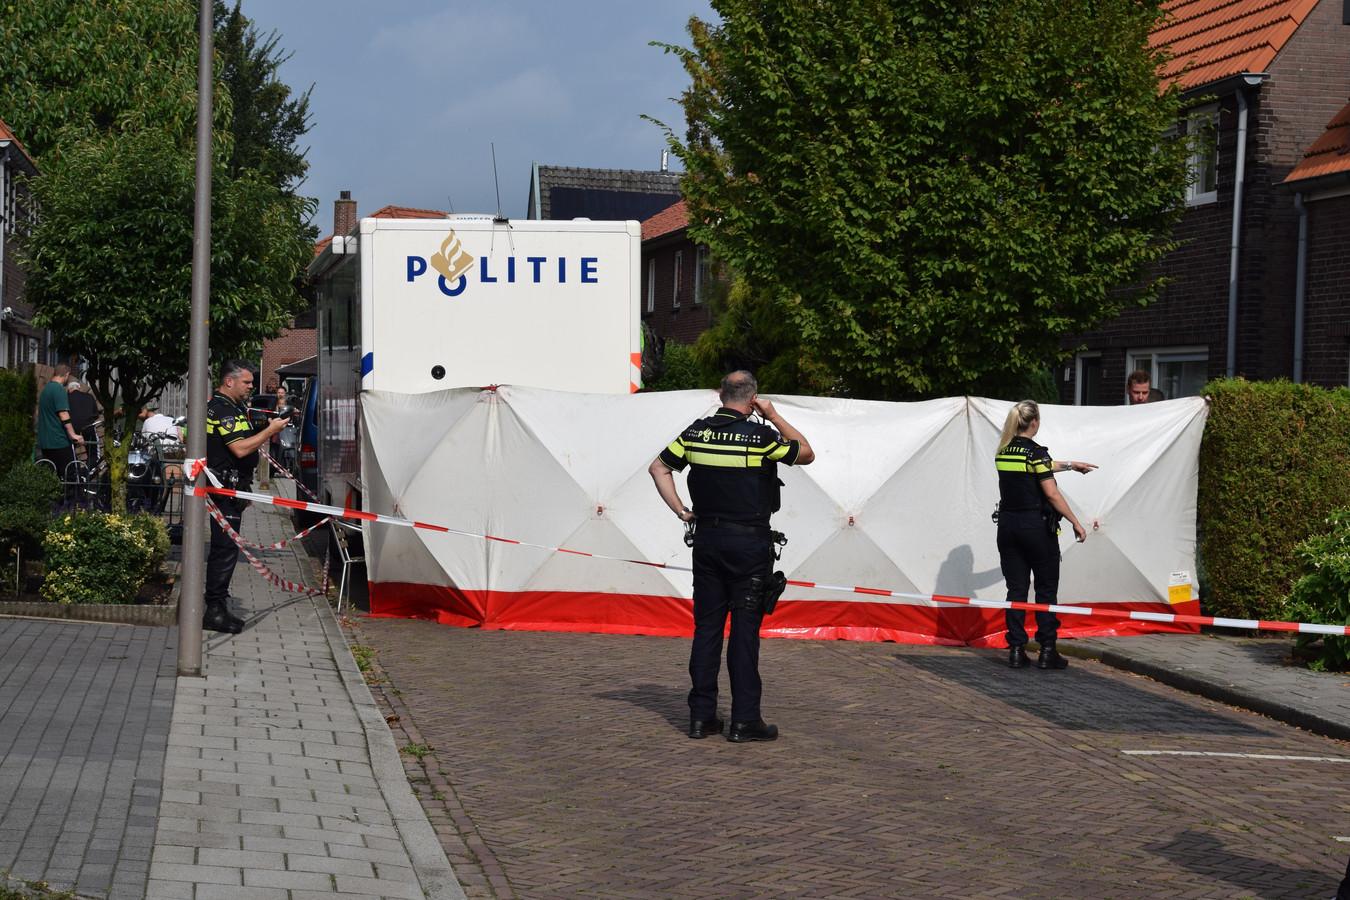 Na de vondst van een lichaam in een auto op de parkeerplaats van ZGT begon de politie een onderzoek in een woning aan de Zonnebloemstraat in Almelo.